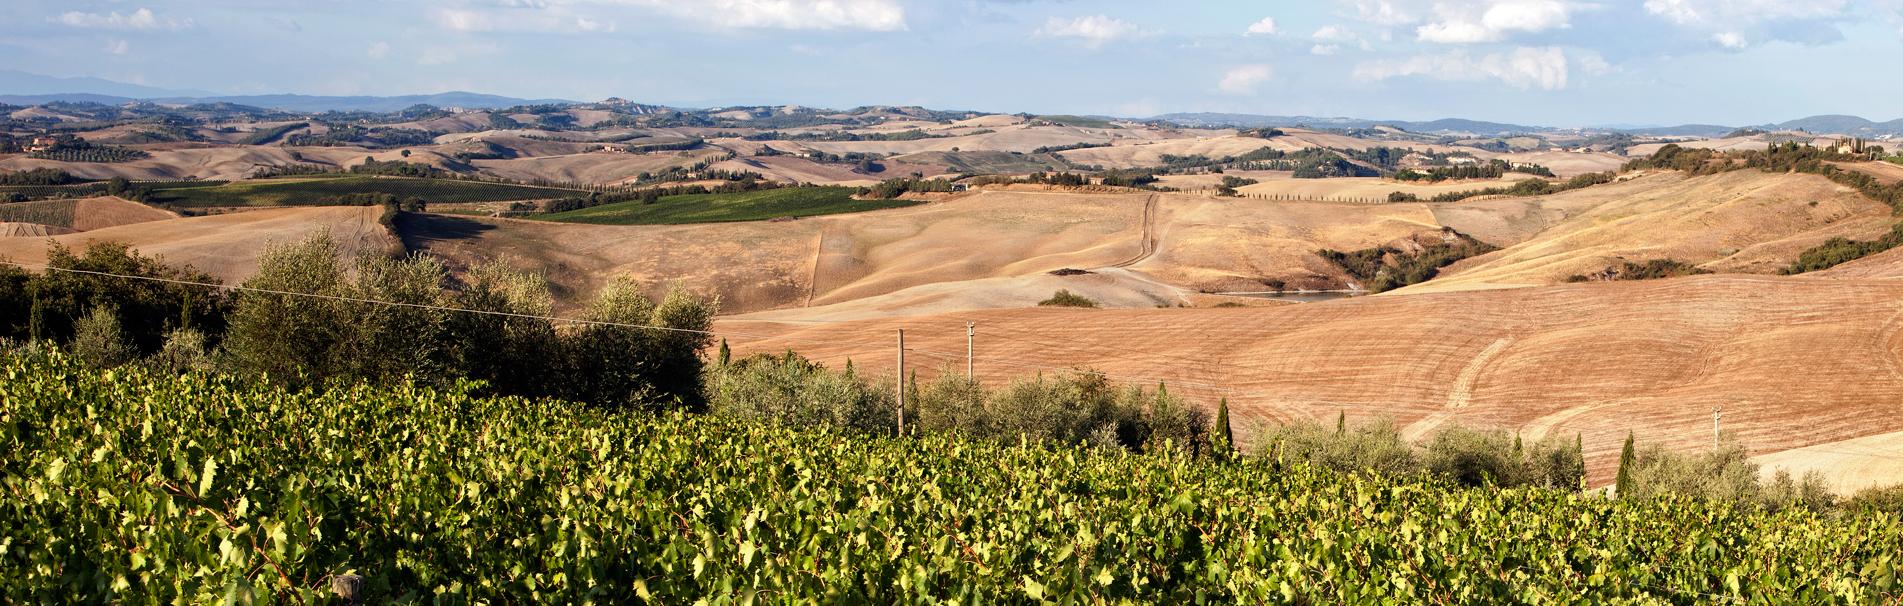 Baricci Azienda Vinicola, Produttori di Brunello di Montalcino e Rosso di Montalcino da tre generazioni immersa nello splendido scenario della Collina Colombaio Montosoli, Provincia di Siena.